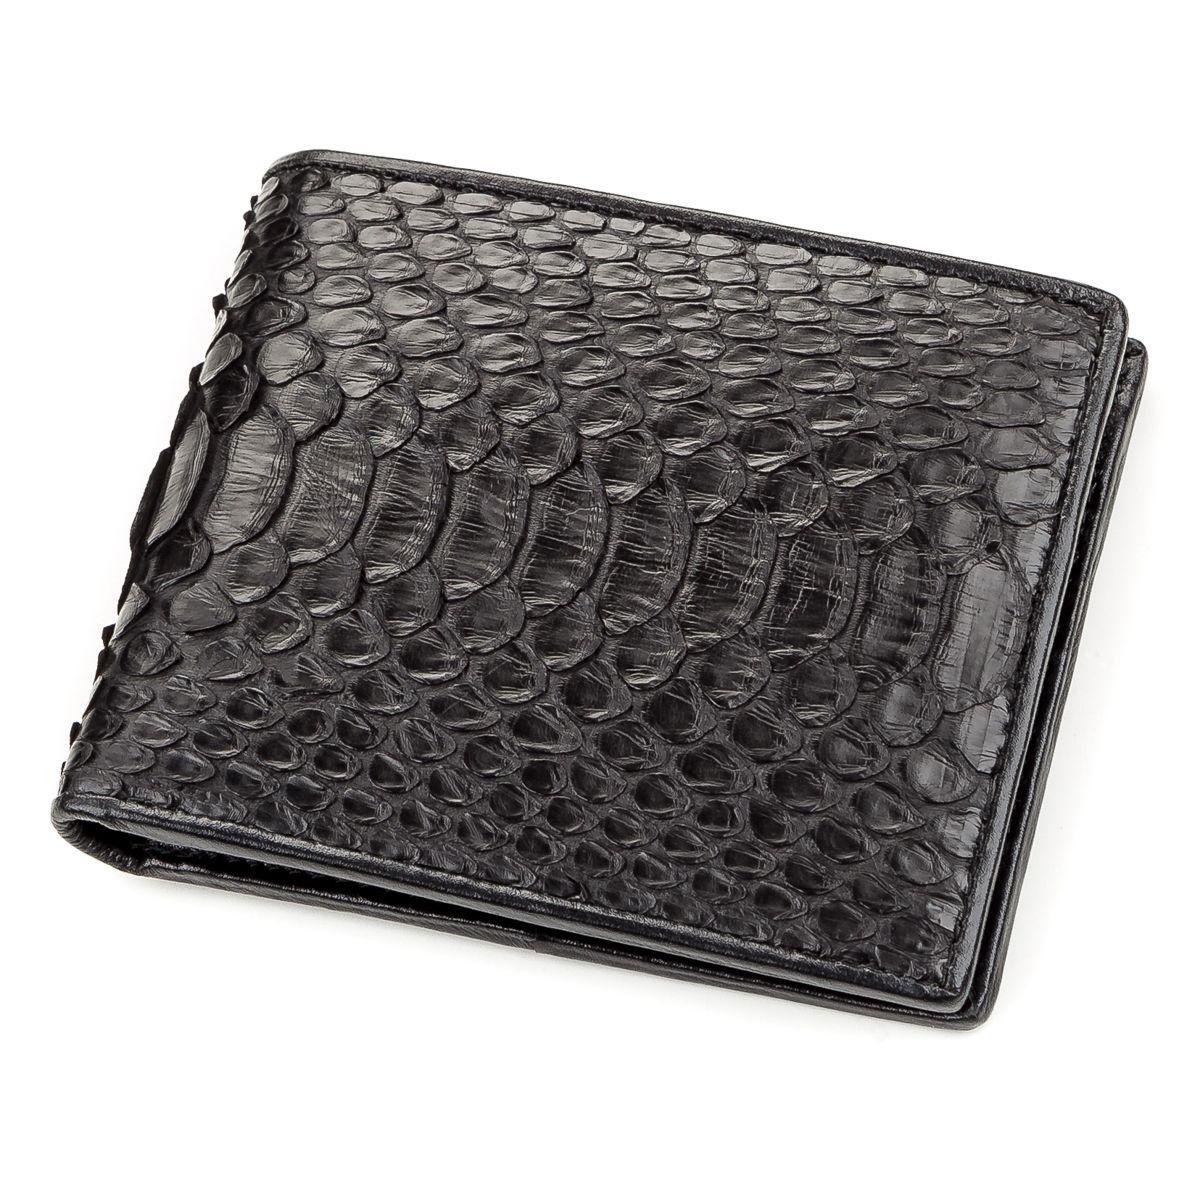 Портмоне Ekzotic Leather из натуральной кожи питона Черное